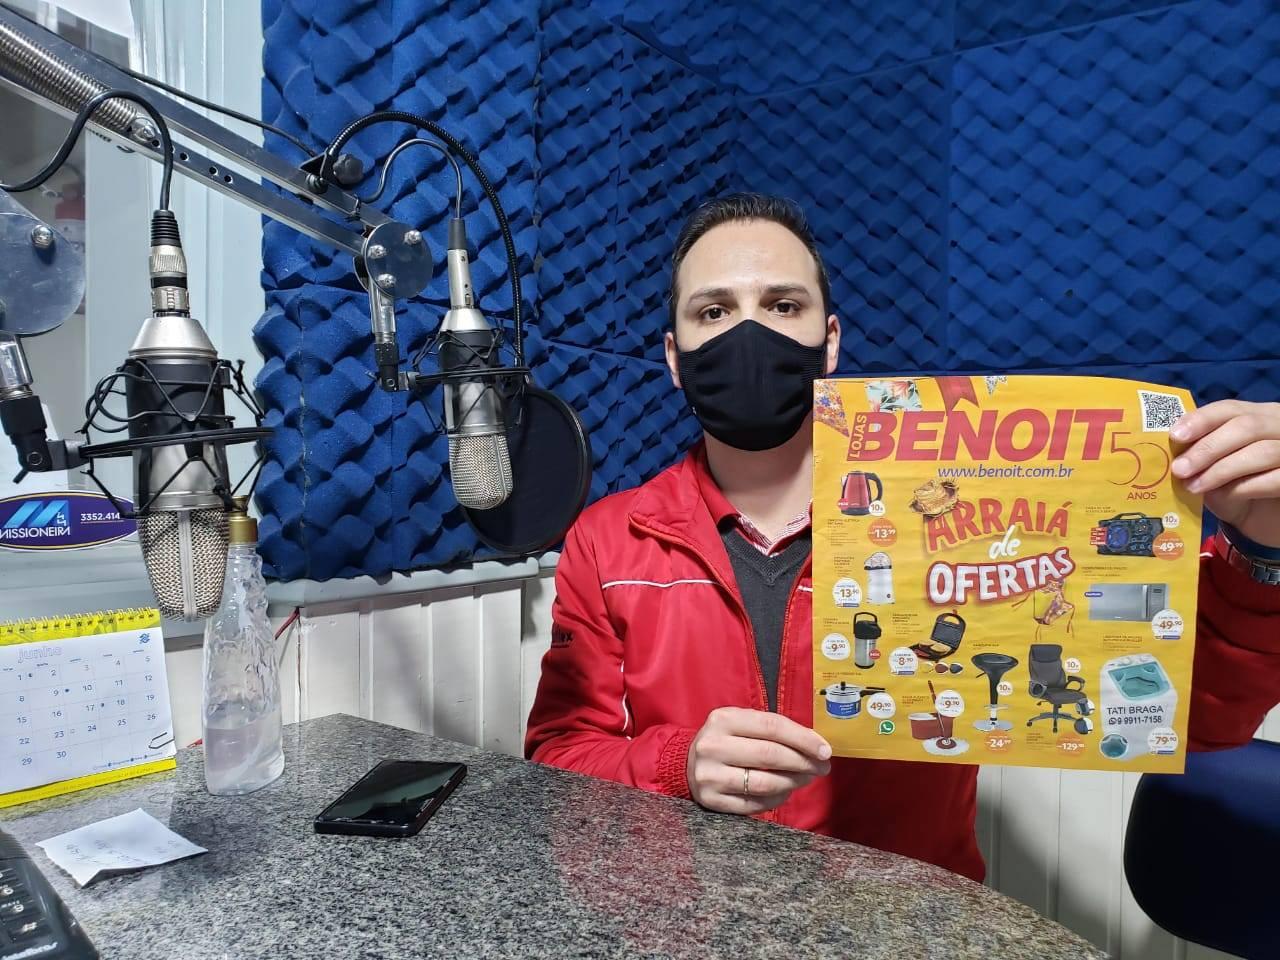 Seguem as promoções do Arraiá de Ofertas da Benoit